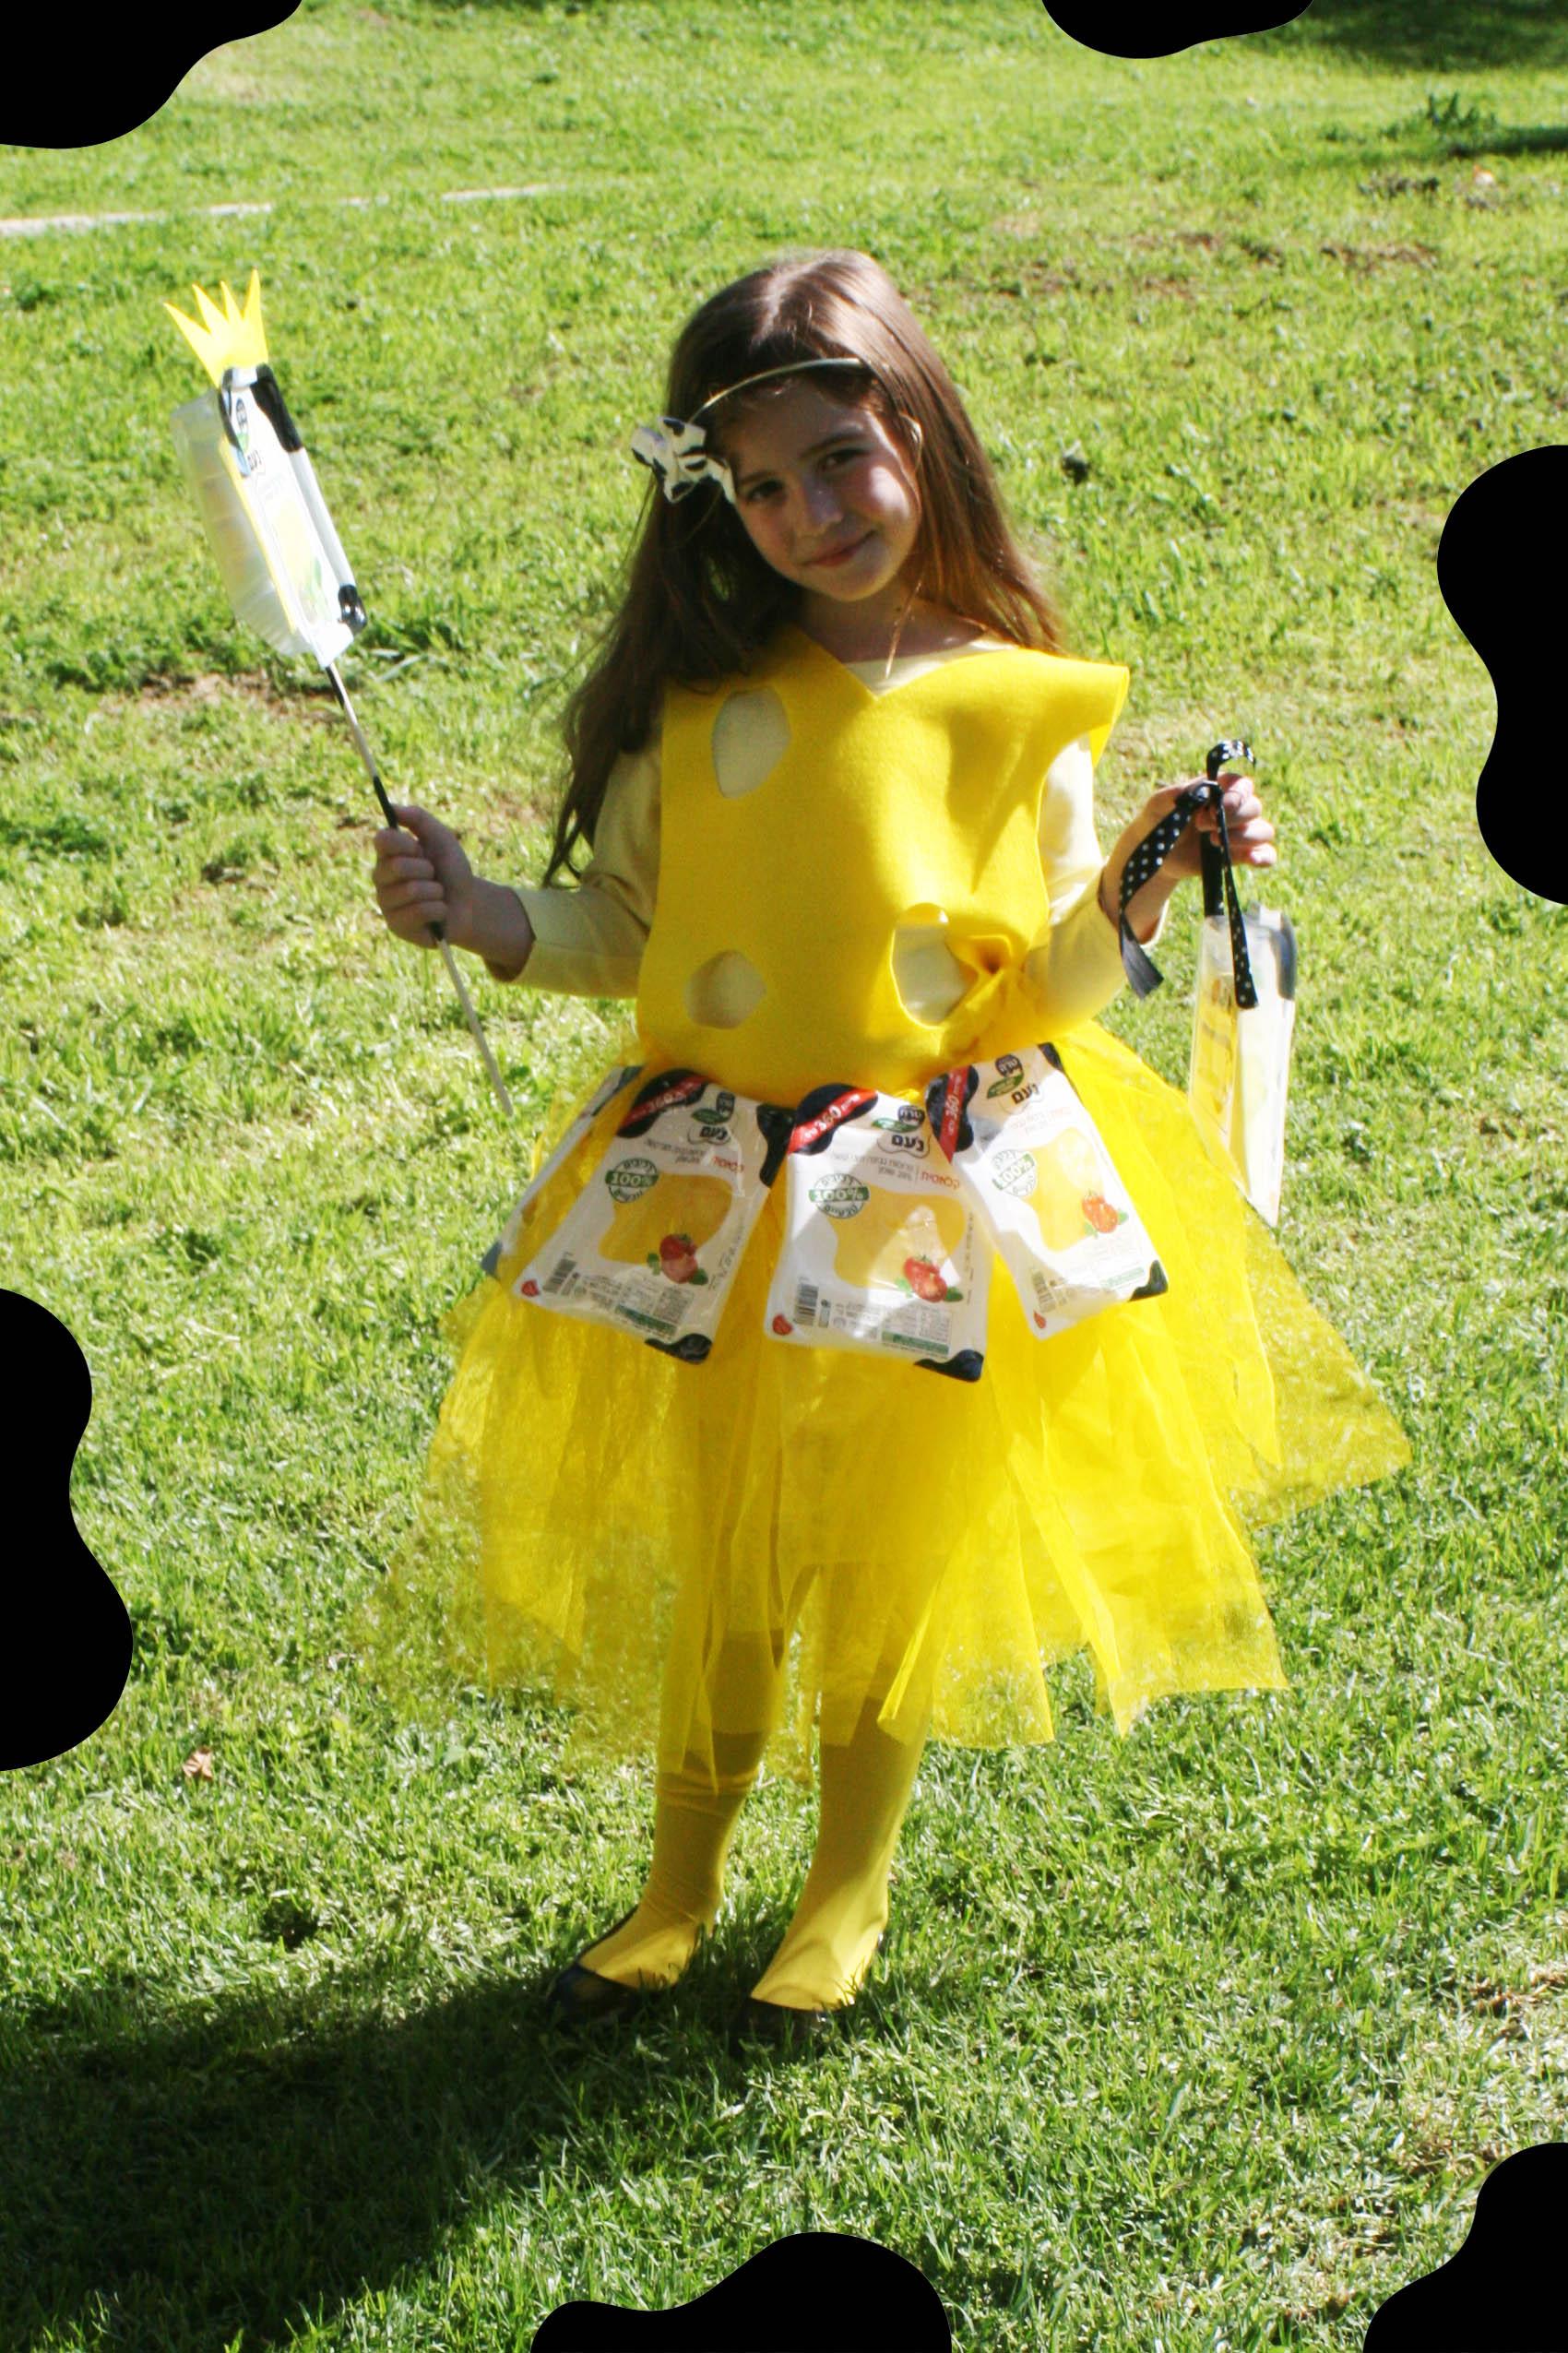 נסיכה צהובה נעם